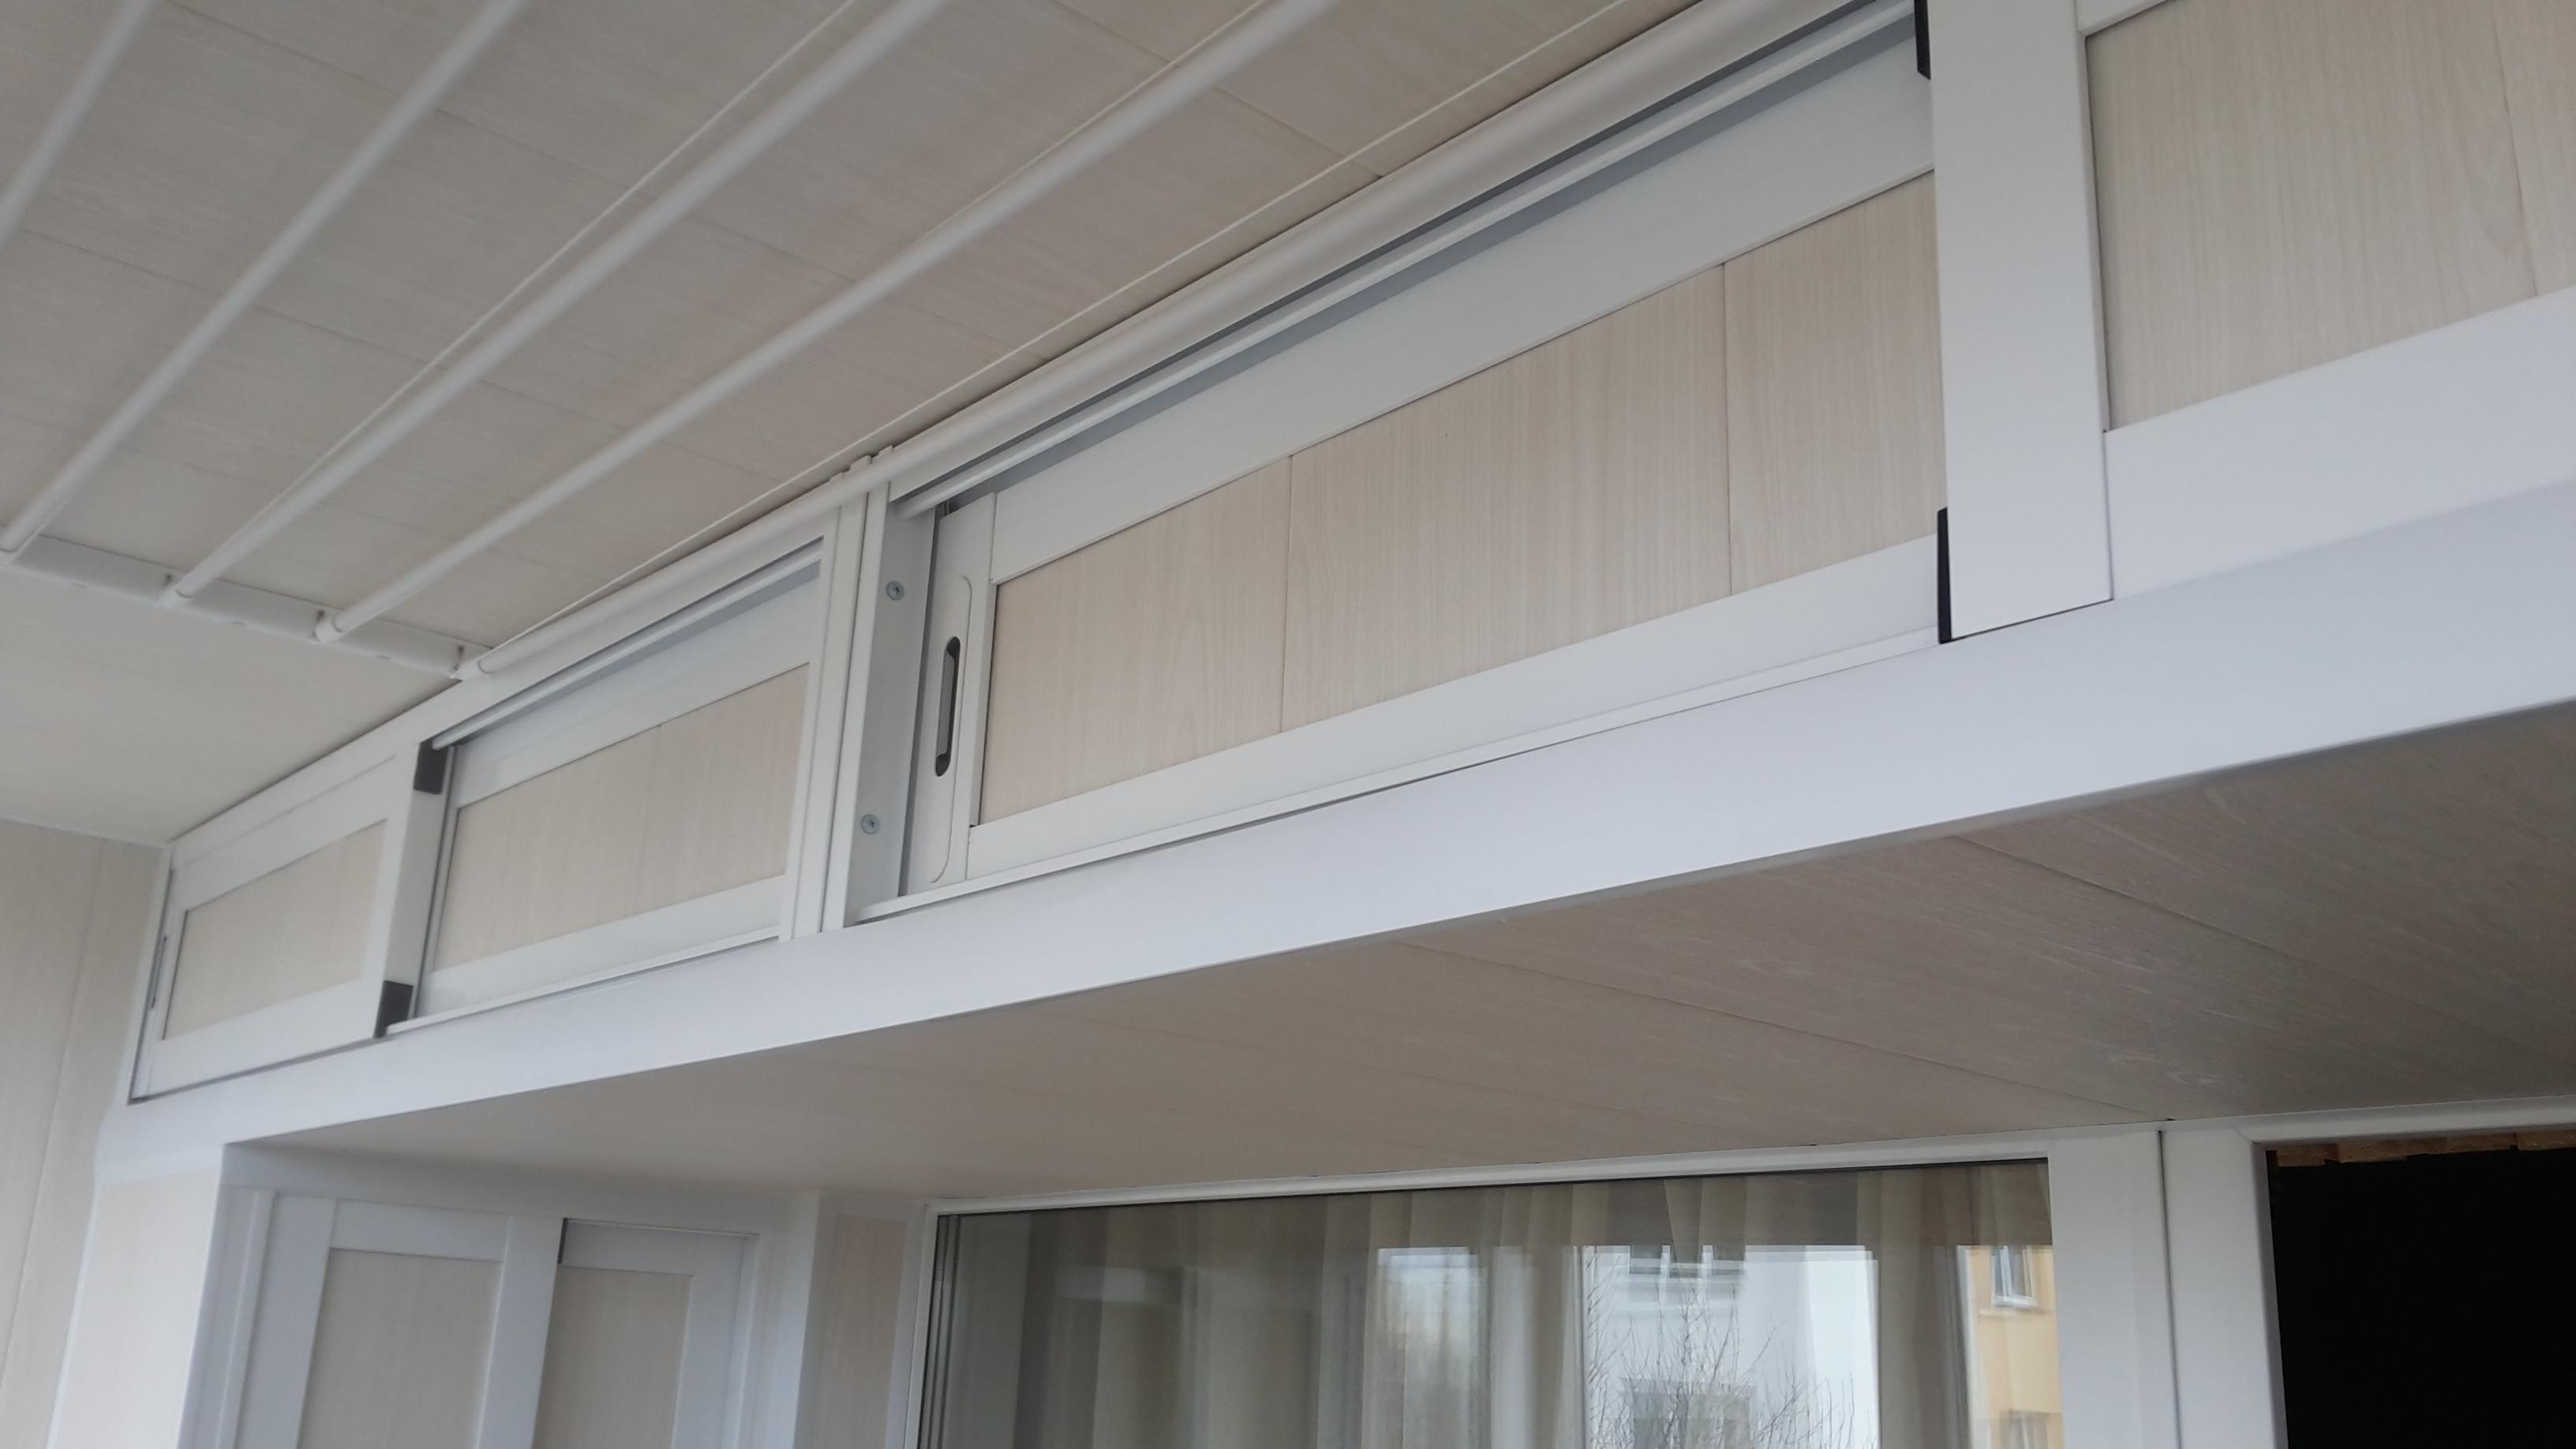 Шкаф на балкон: фото встроенных шкафов для балконов и лоджий.